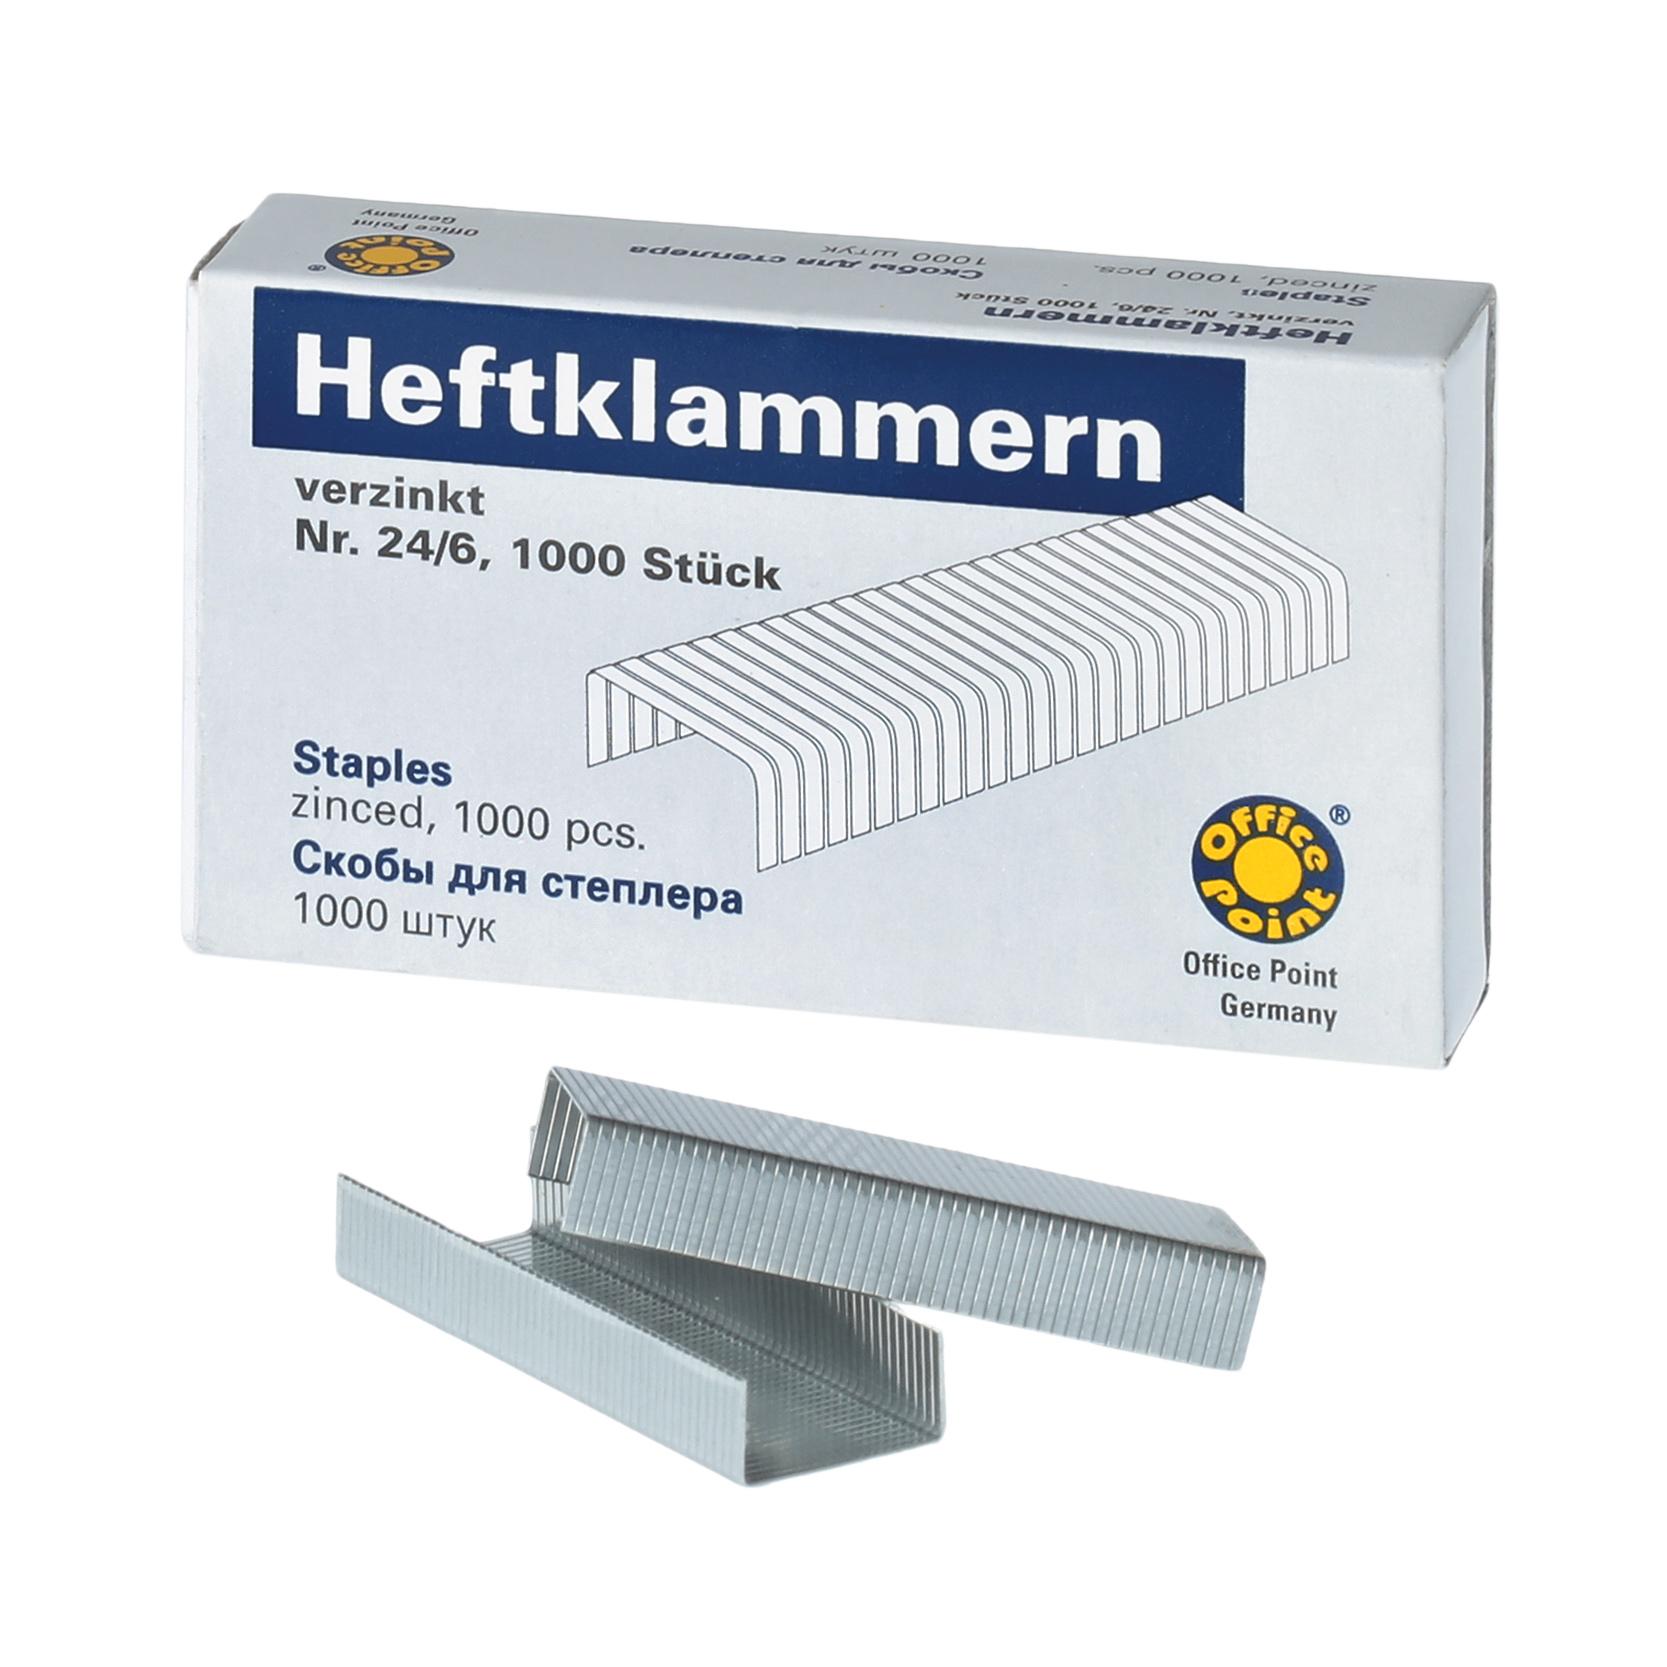 1000 Stück MAS 148 Heftklammern 24//6 verkupfert